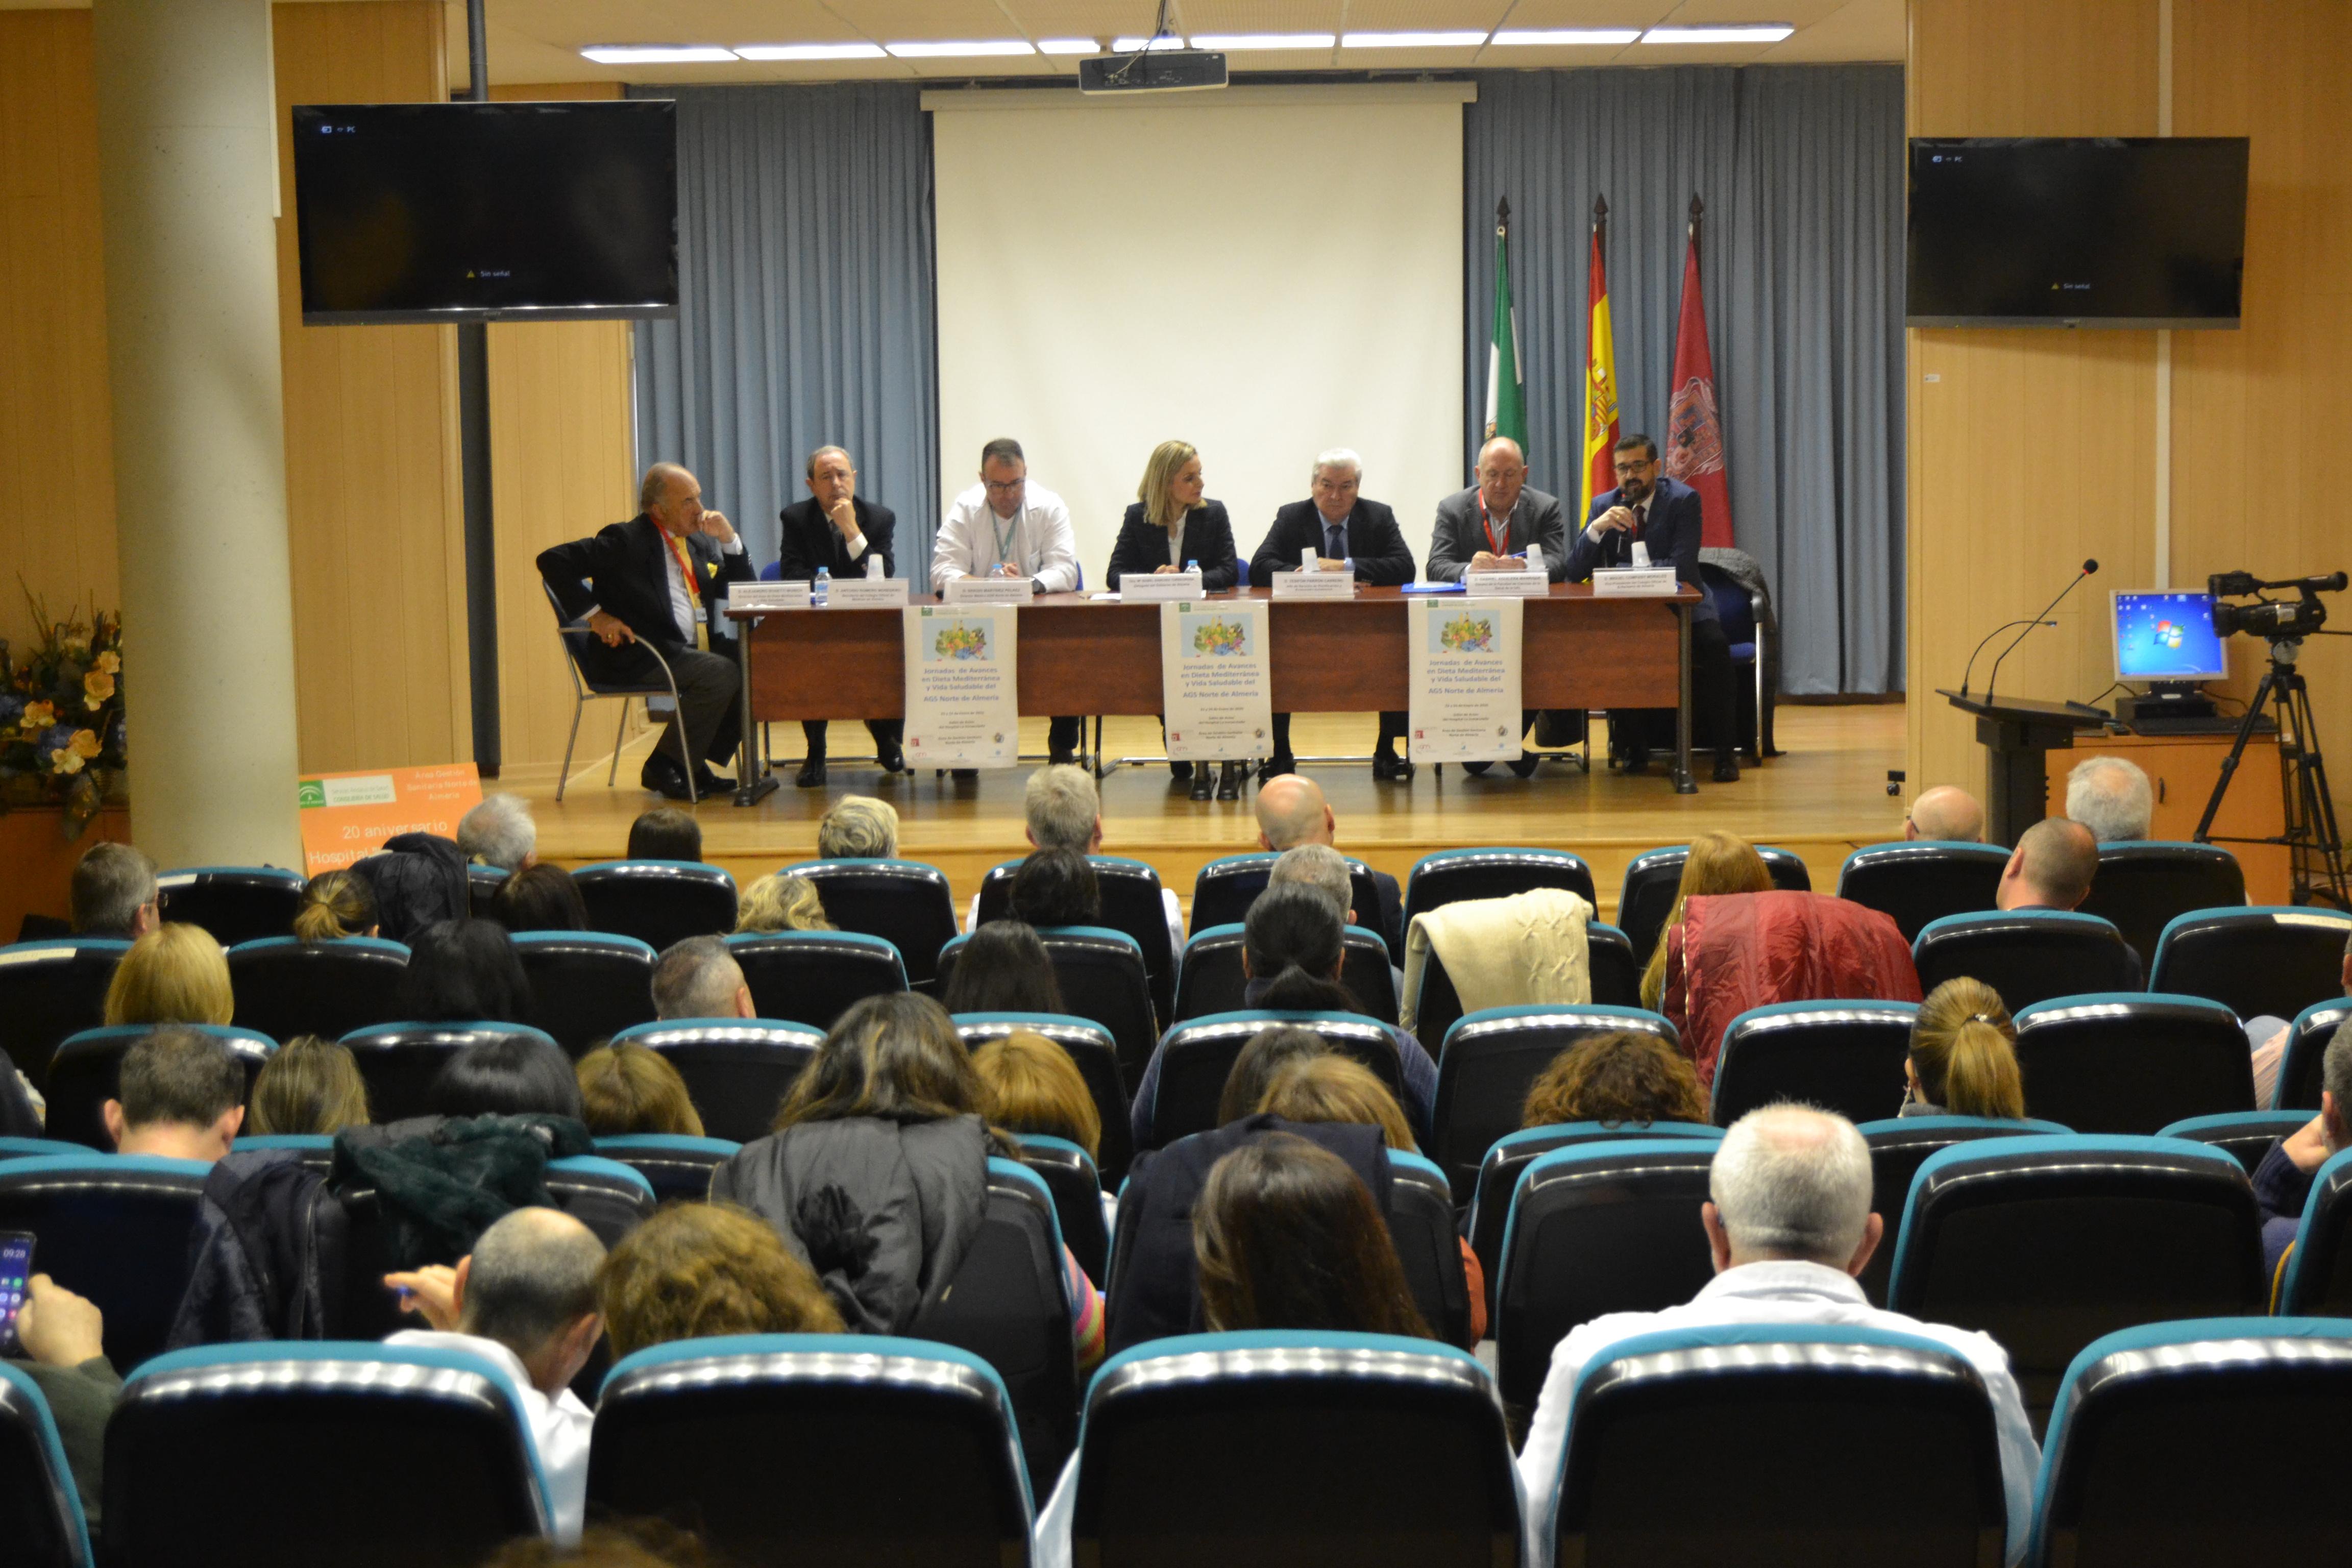 El Aula de la Dieta Mediterránea promueve con éxito la vida saludable en Huércal-Overa